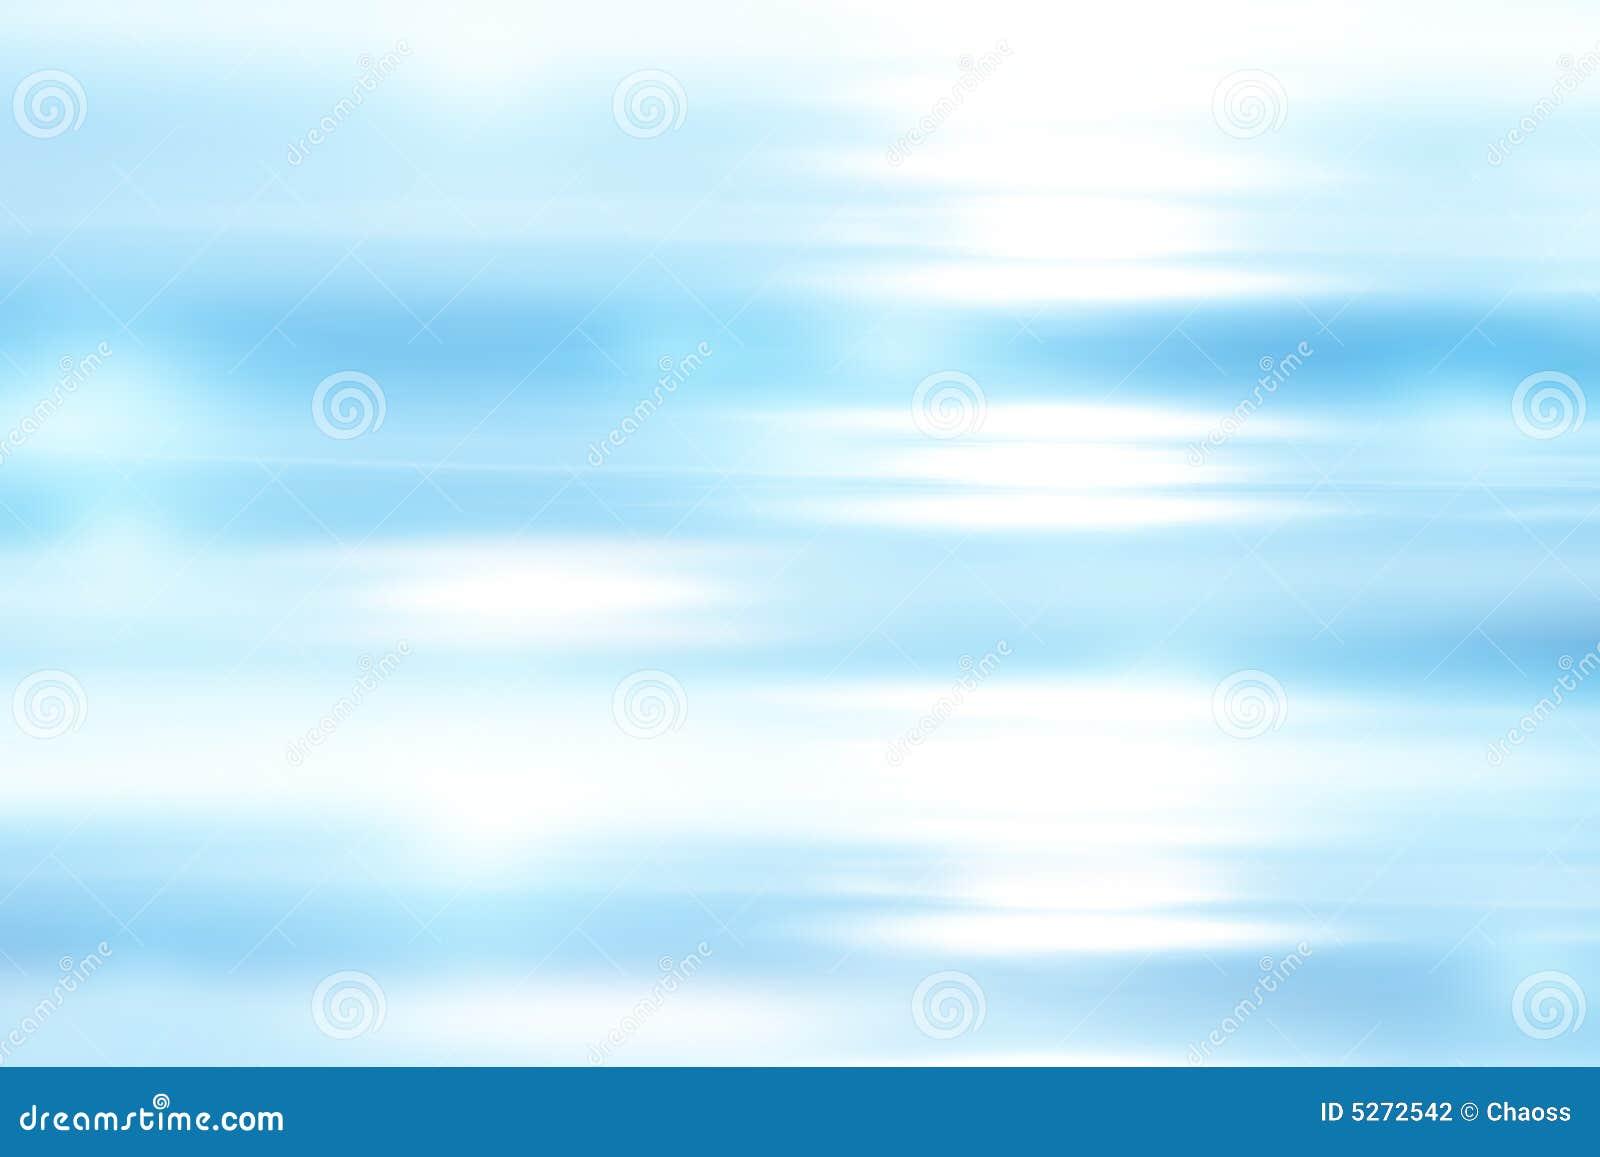 Fondo suave azul brillante abstracto